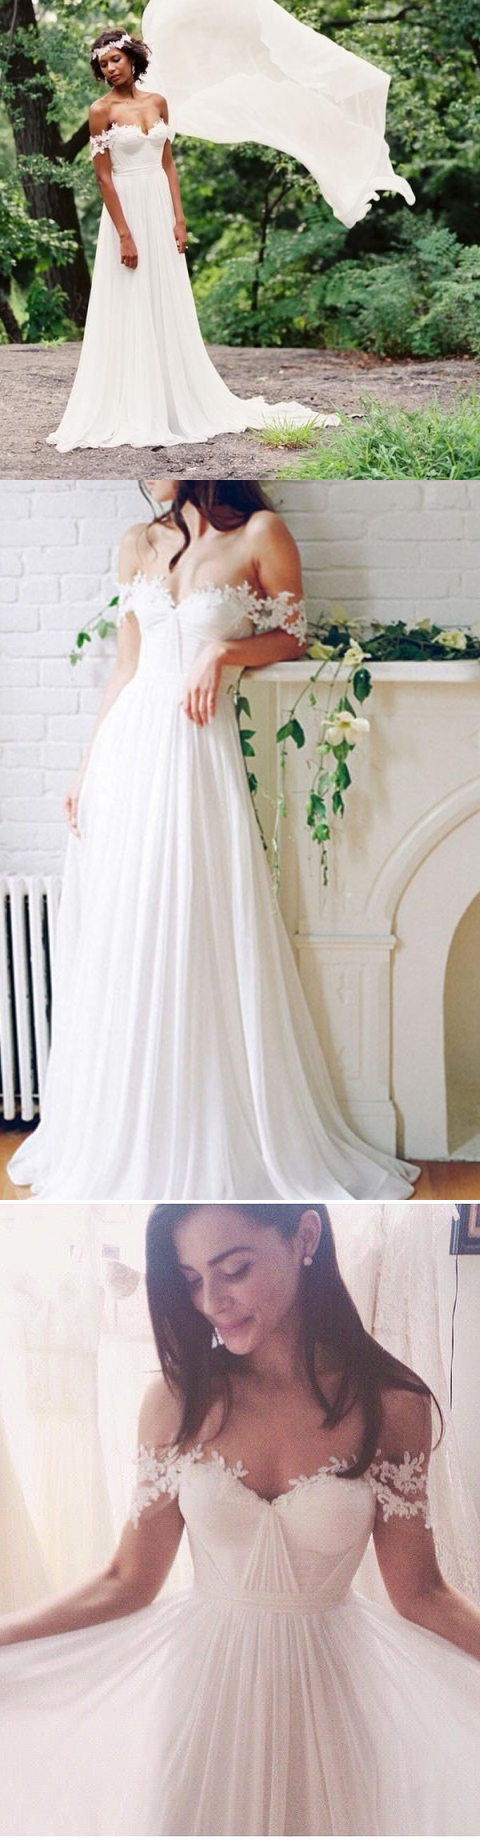 Wedding dress for evening  Prom Dresses Offtheshoulder Short Train Prom DressEvening Dress